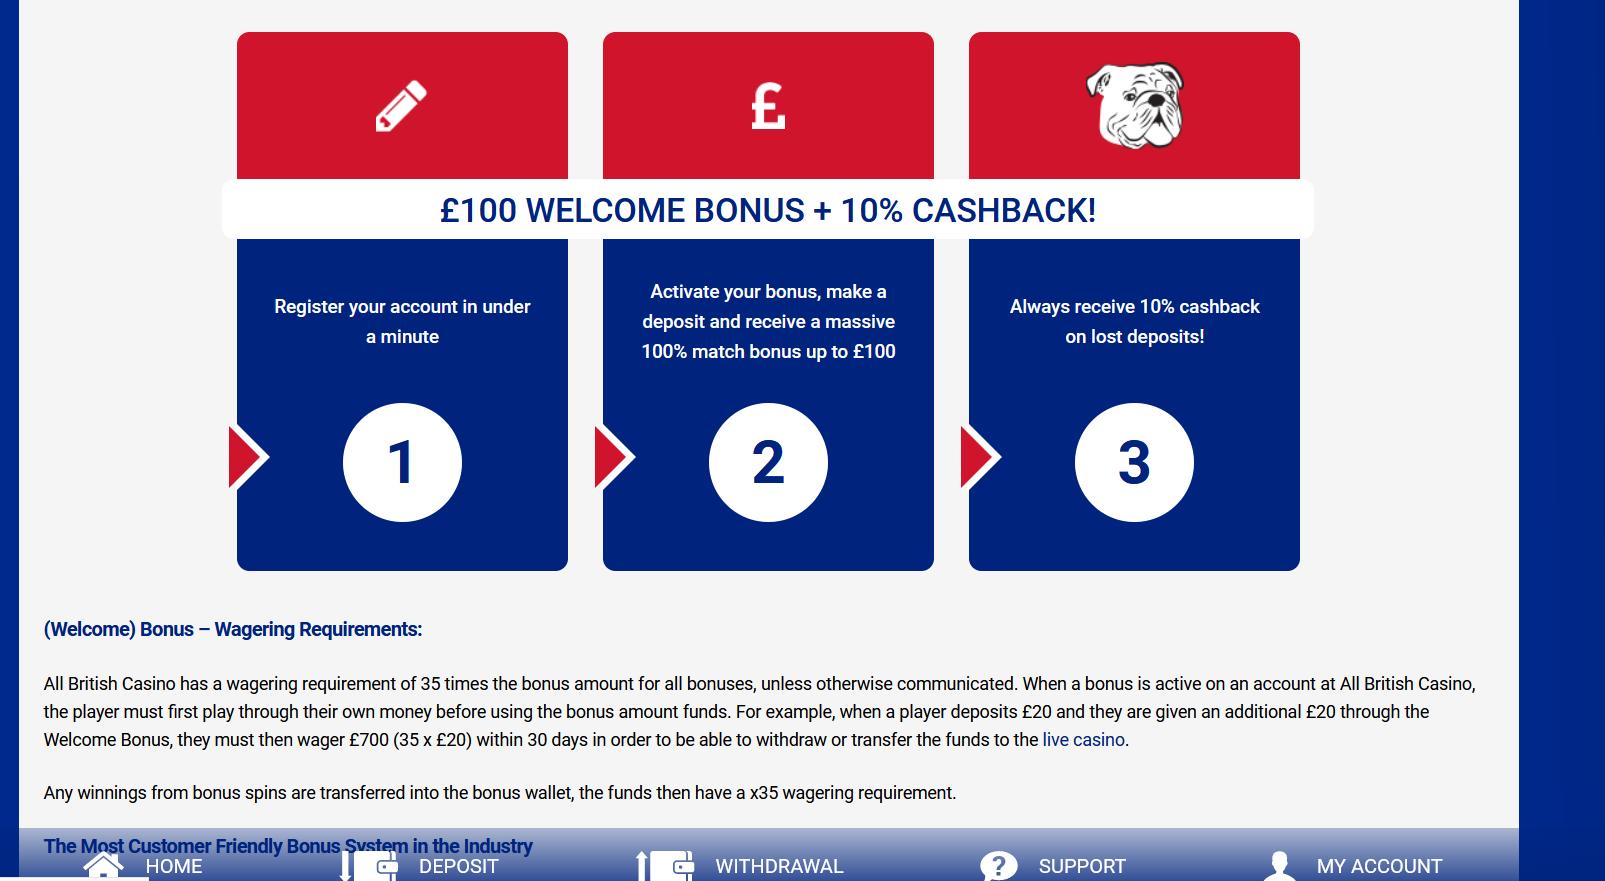 All British Casino image